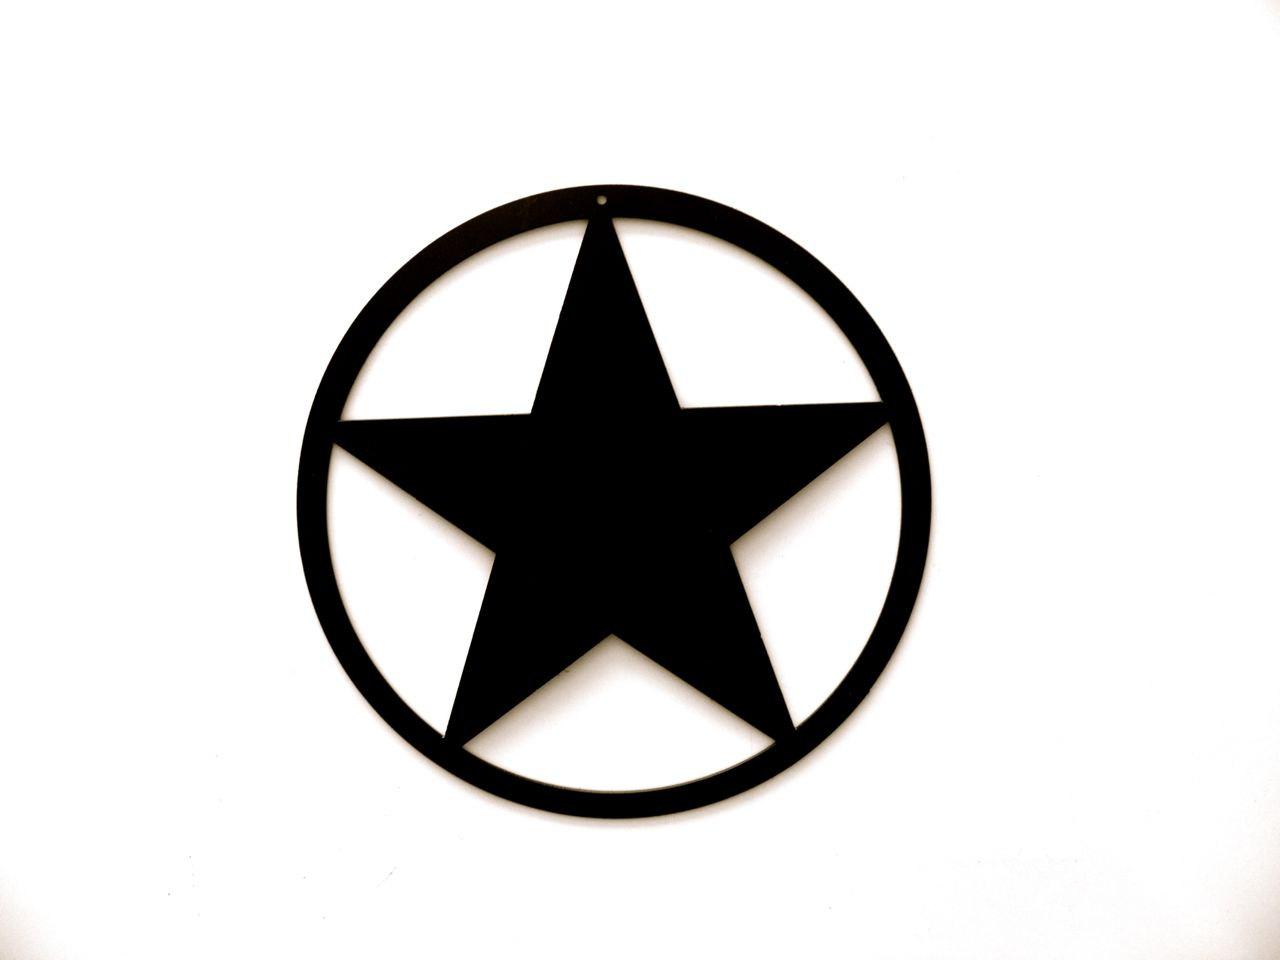 Black Star In Circle Logos